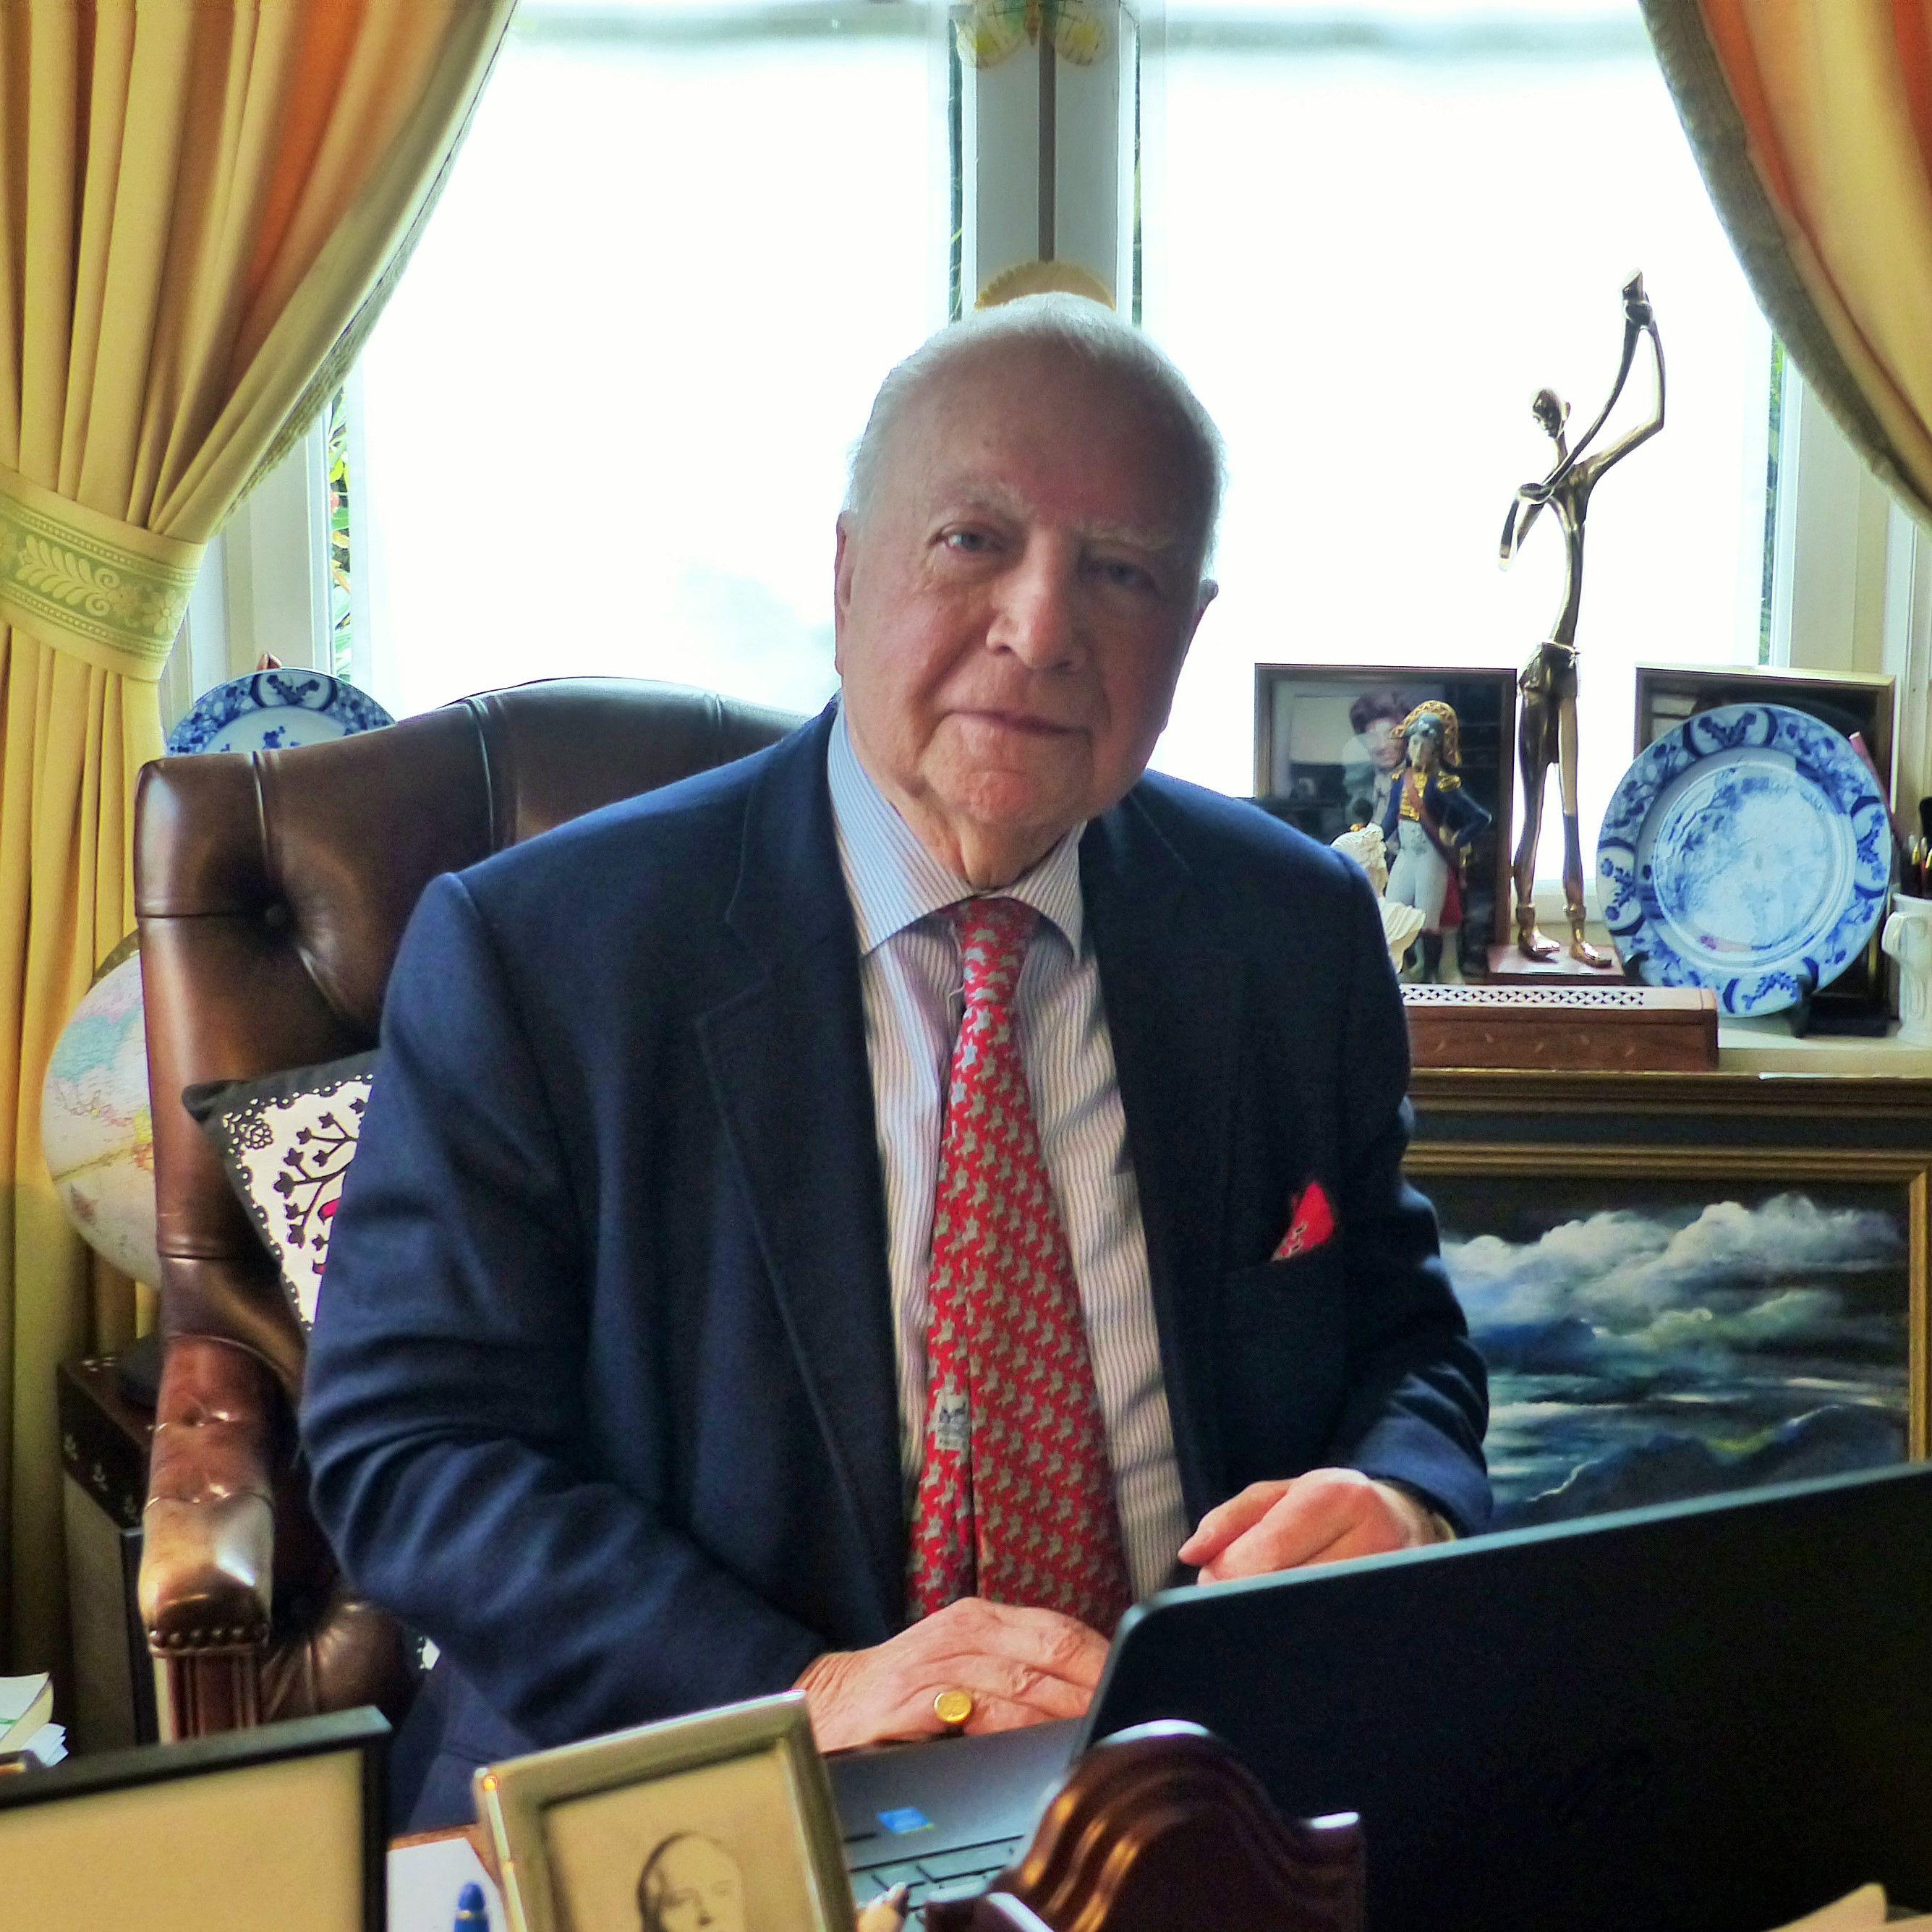 Mark Eyskens,l'ex Premier Ministre Belge nous invite à nous poser les bonnes questions